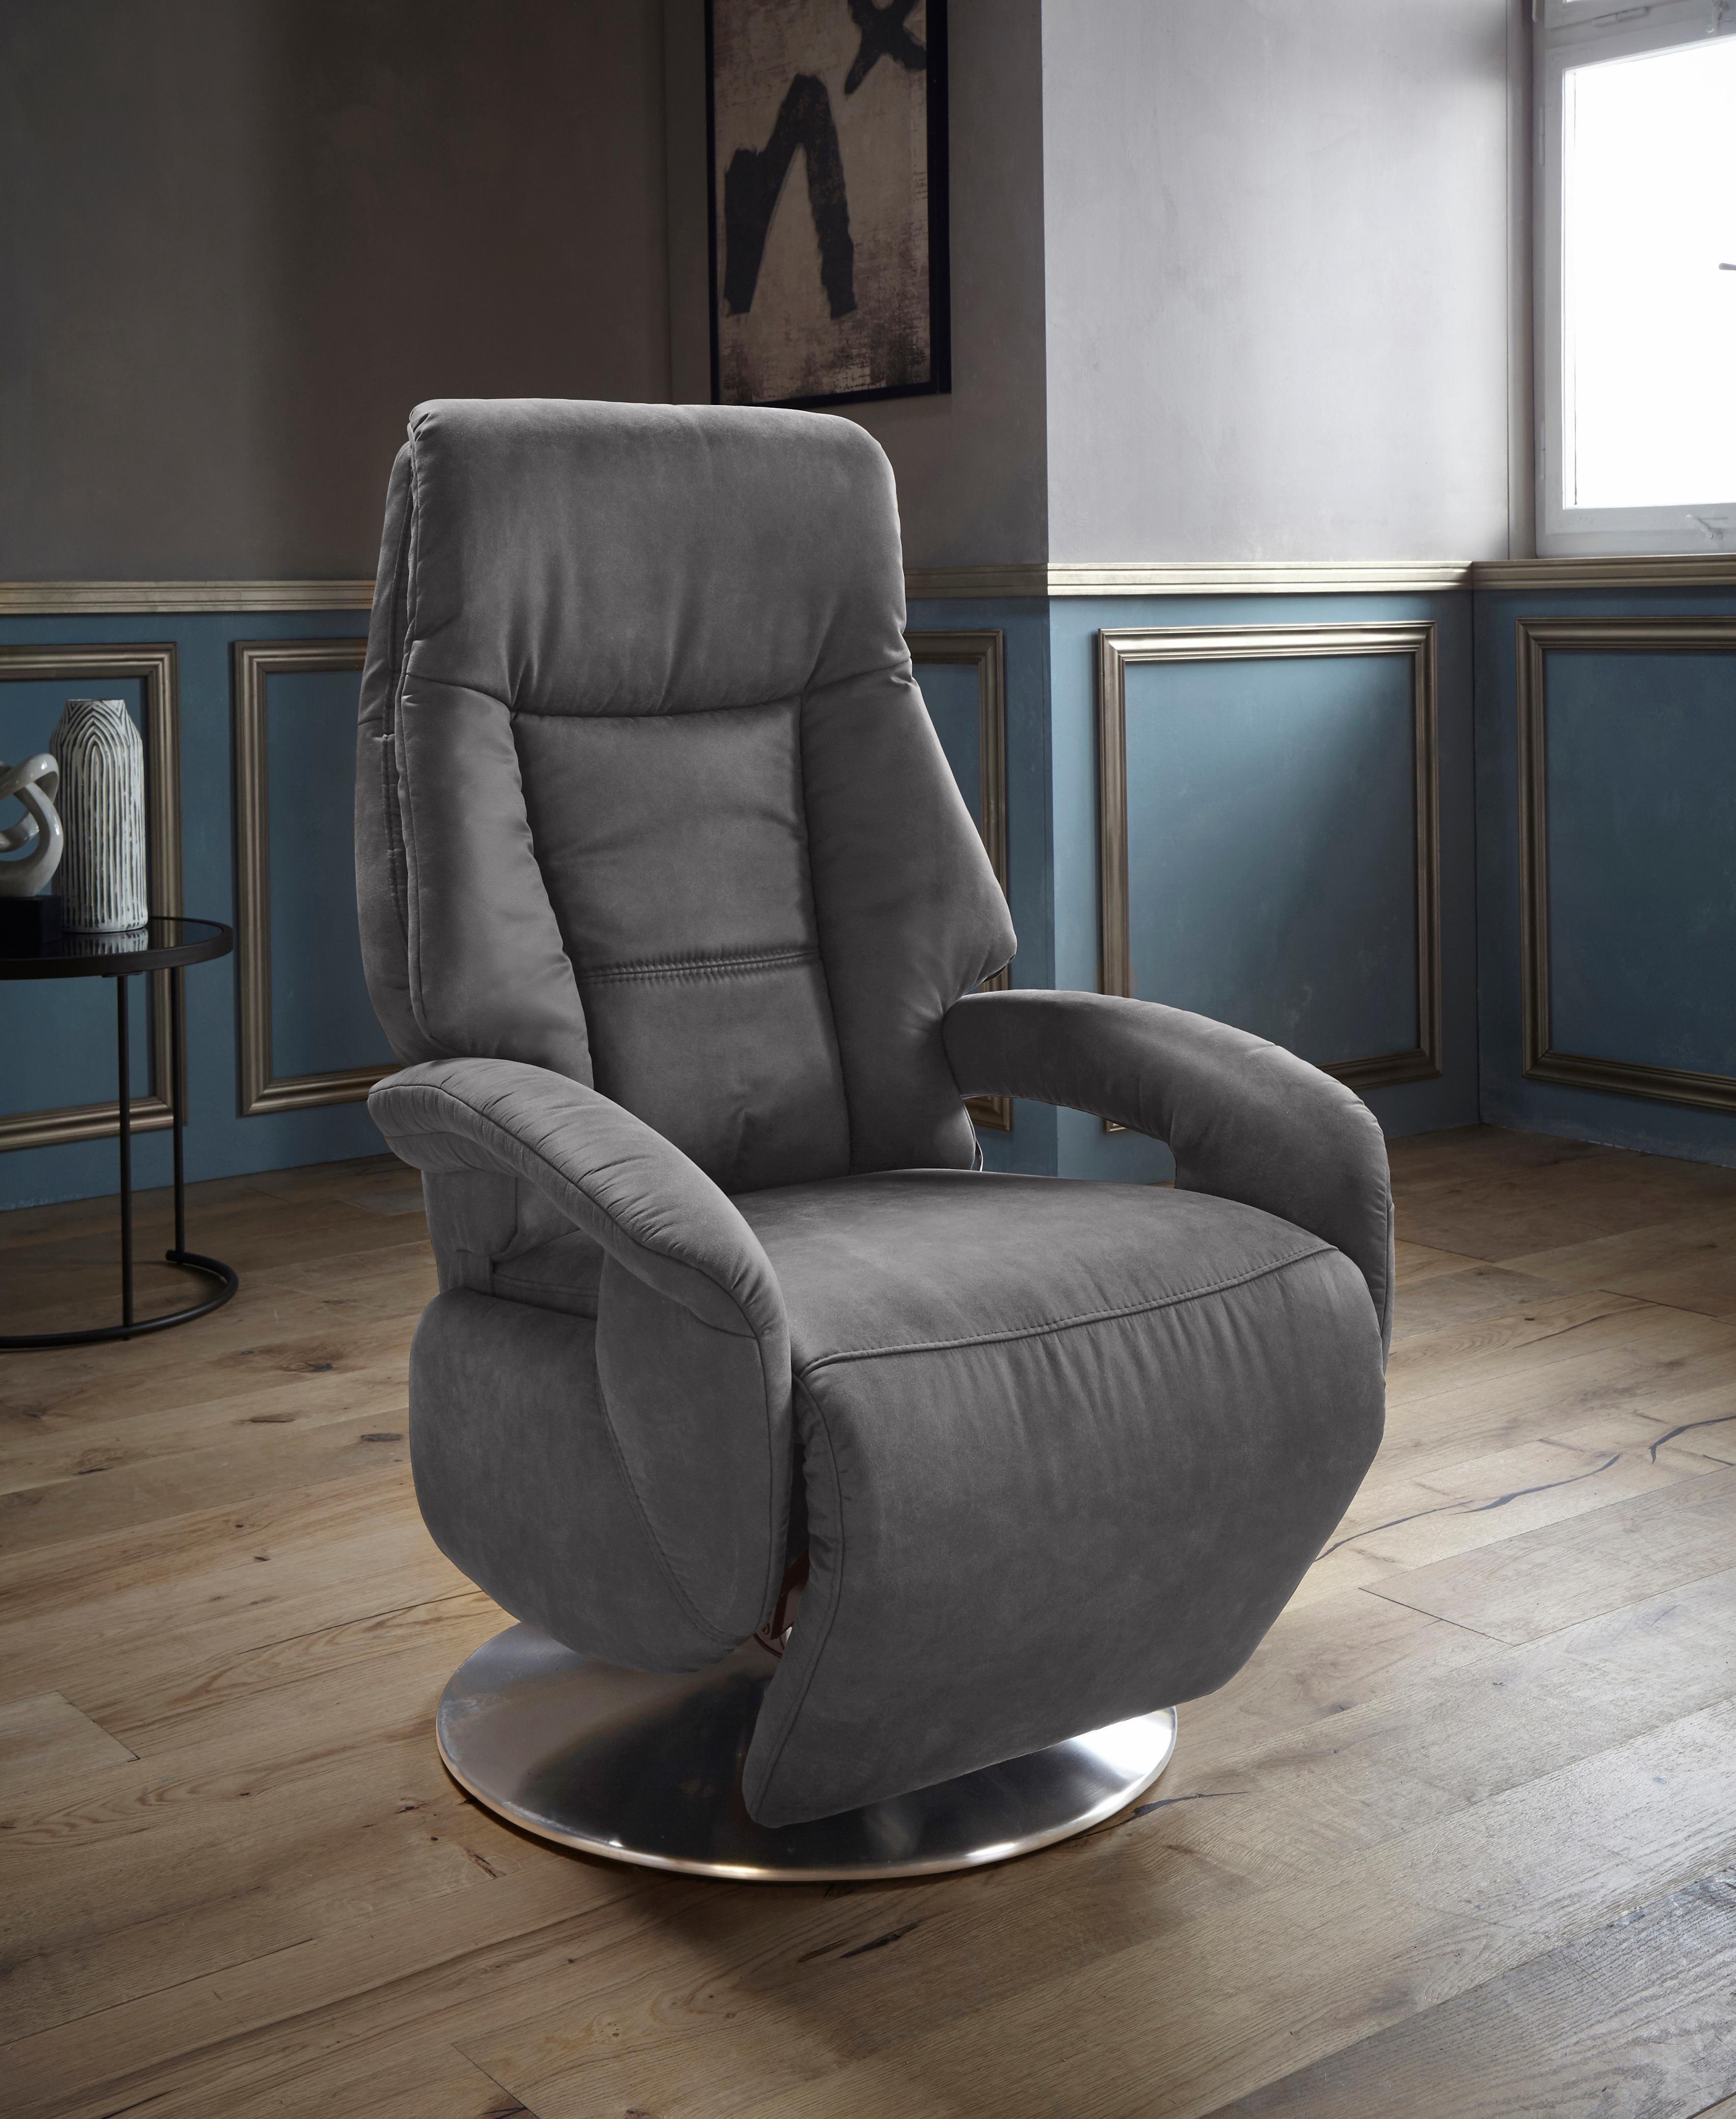 Places Of Style roomed relaxfauteuil 'Launceston' in maat L, naar keuze met motor en opstahulp voordelig en veilig online kopen